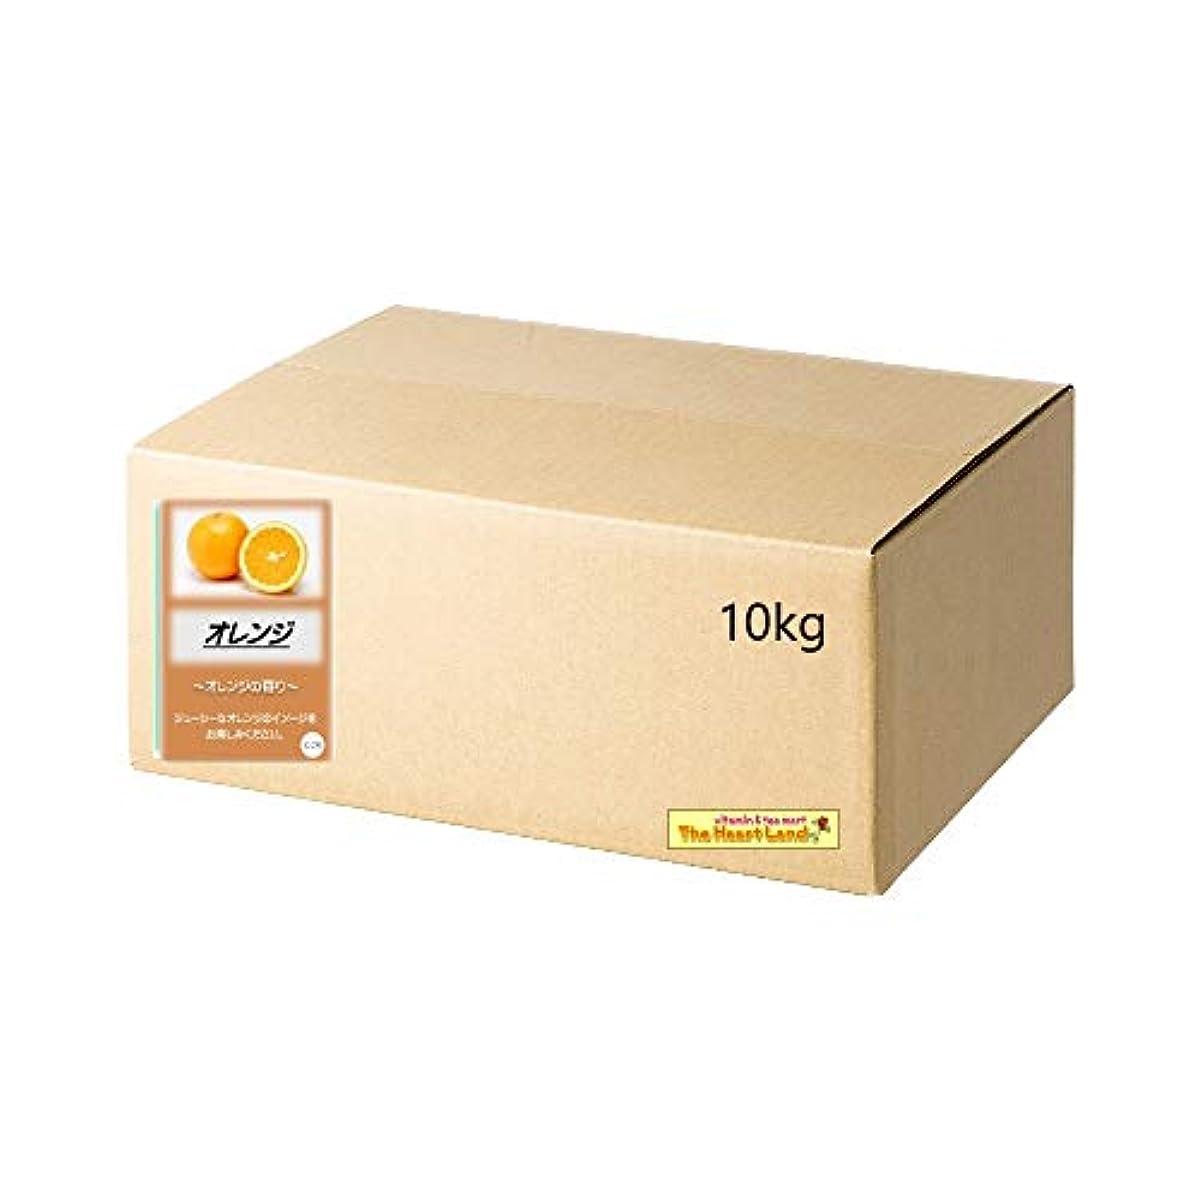 原点器官シェルアサヒ入浴剤 浴用入浴化粧品 オレンジ 10kg